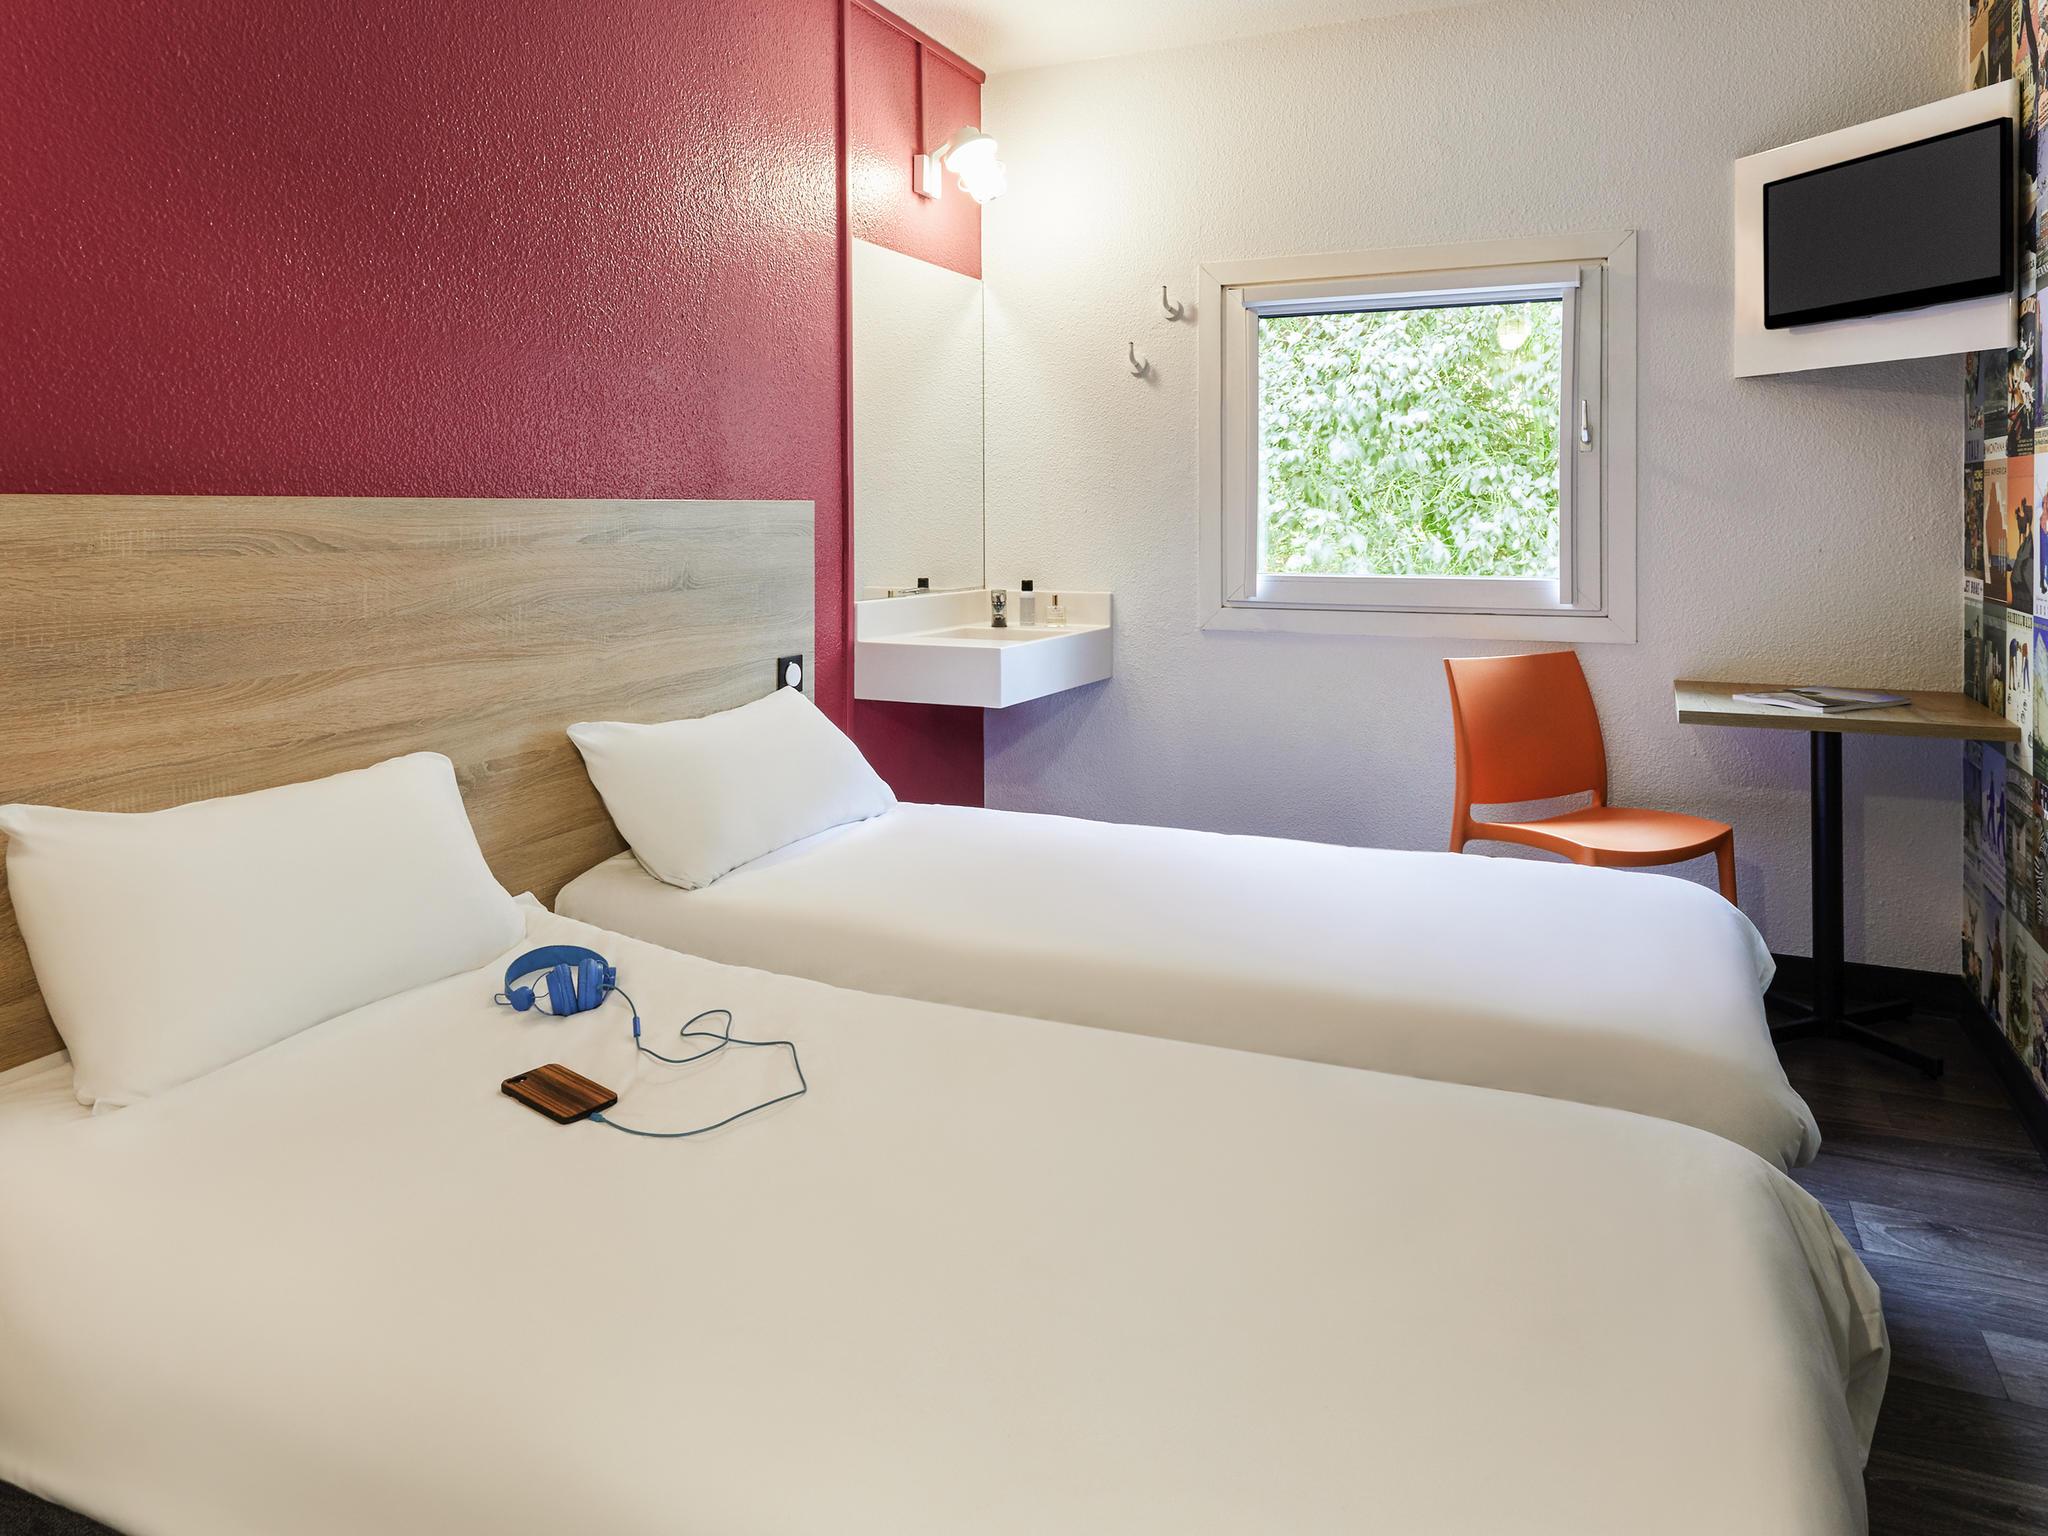 โรงแรม – hotelF1 Saint-Étienne (rénové)